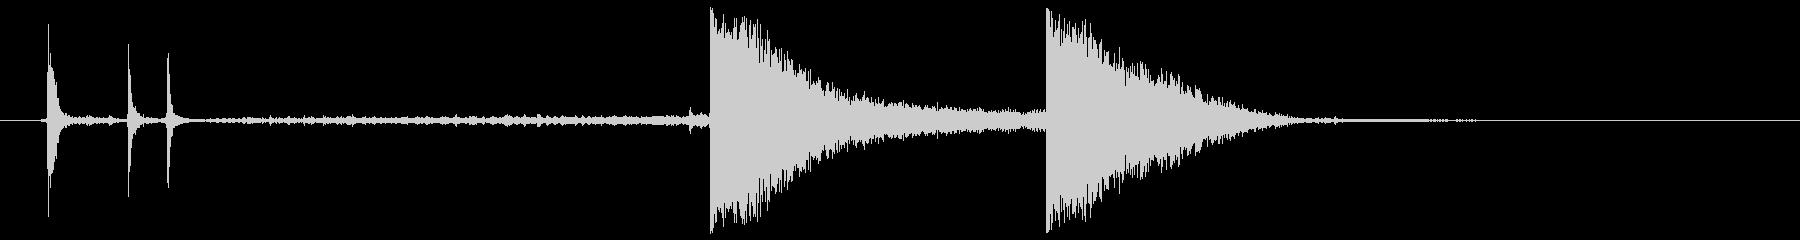 クロック9、19世紀、Stikes...の未再生の波形